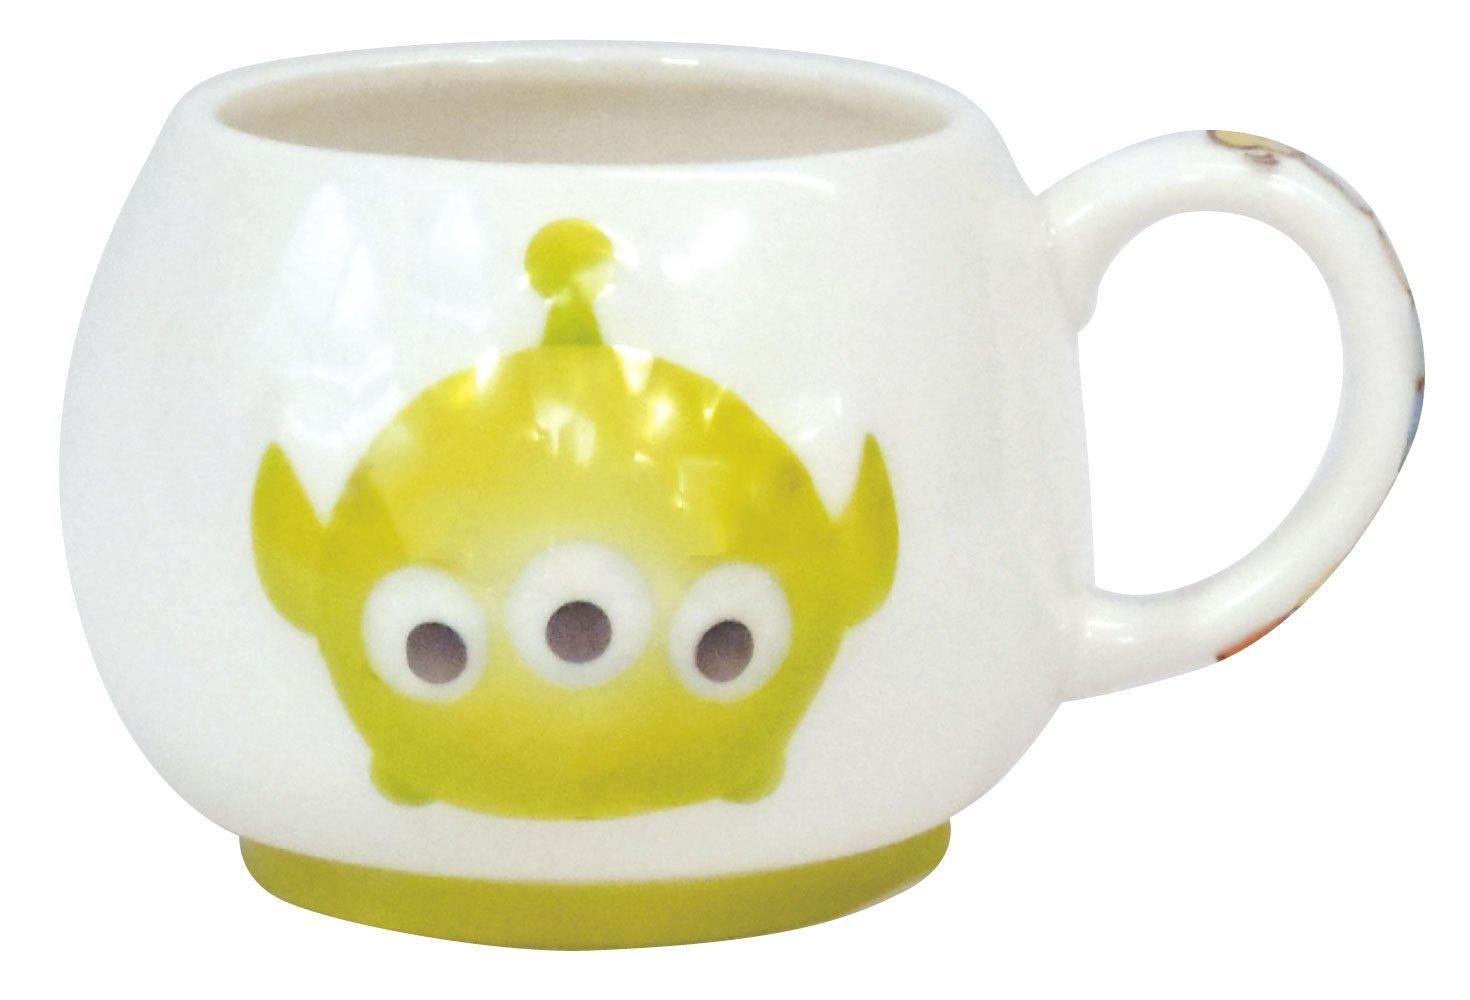 【真愛日本】15061700020 茲姆杯-立體三眼怪 迪士尼 玩具總動員 TOY 杯子 水杯 馬克杯 正品 限量 預購